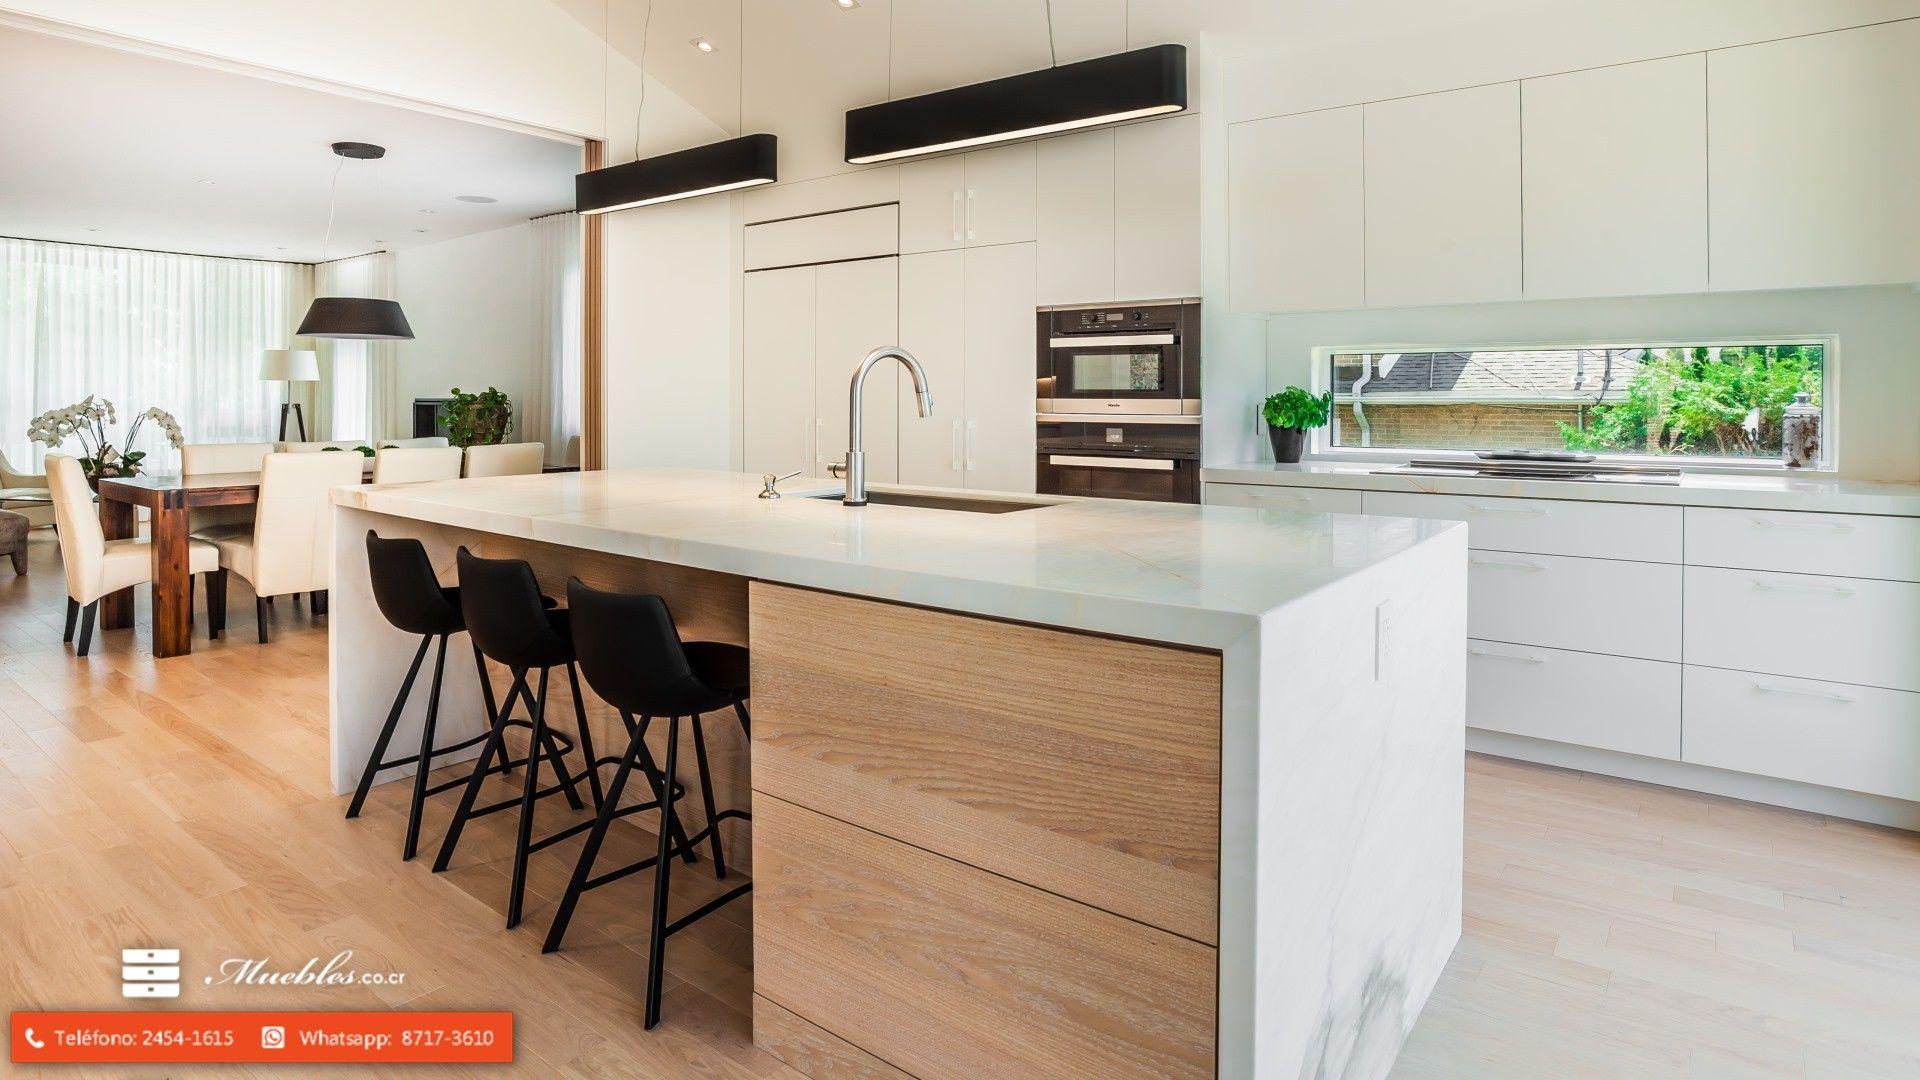 Precioso Mueble En Un Tono Blanco Con Una Isla Recubierta En Marmol No Te Demores Más En Muebles De Cocina Interior De Cocina Diseño De Interiores De Cocina